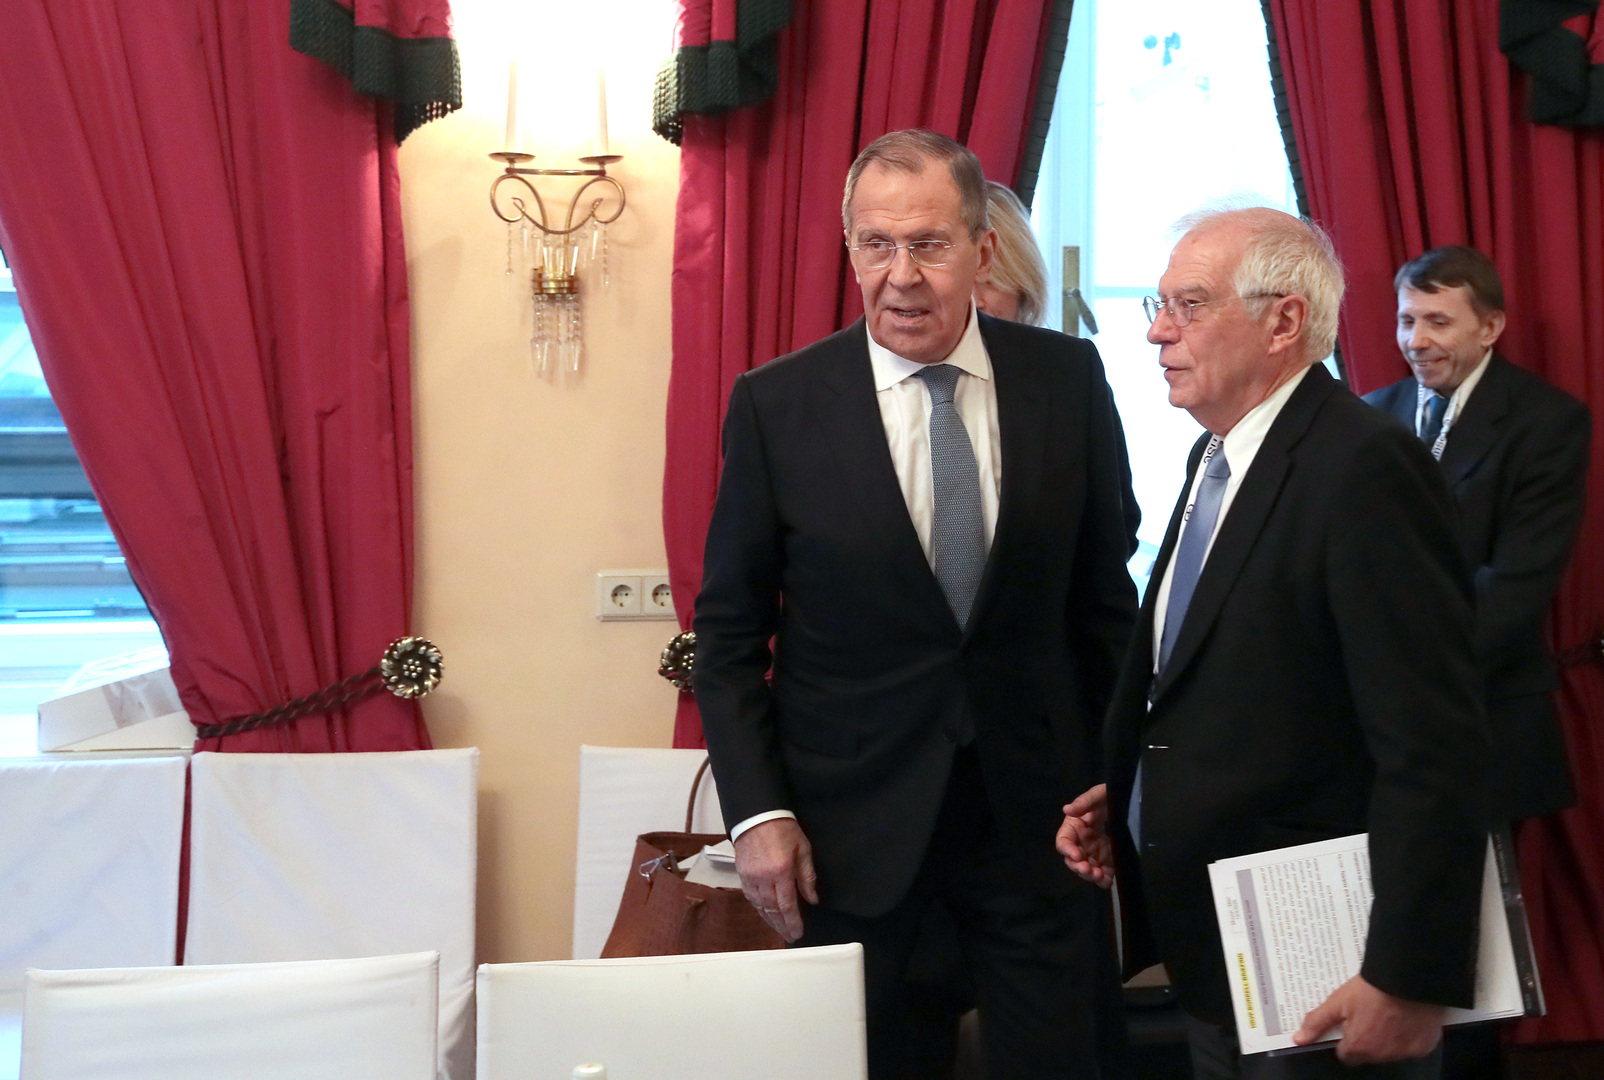 وزير الخارجية الروسي، سيرغي لافروف، ورئيس الدبلوماسية الأوروبية، جوزيب بوريل - أرشيف